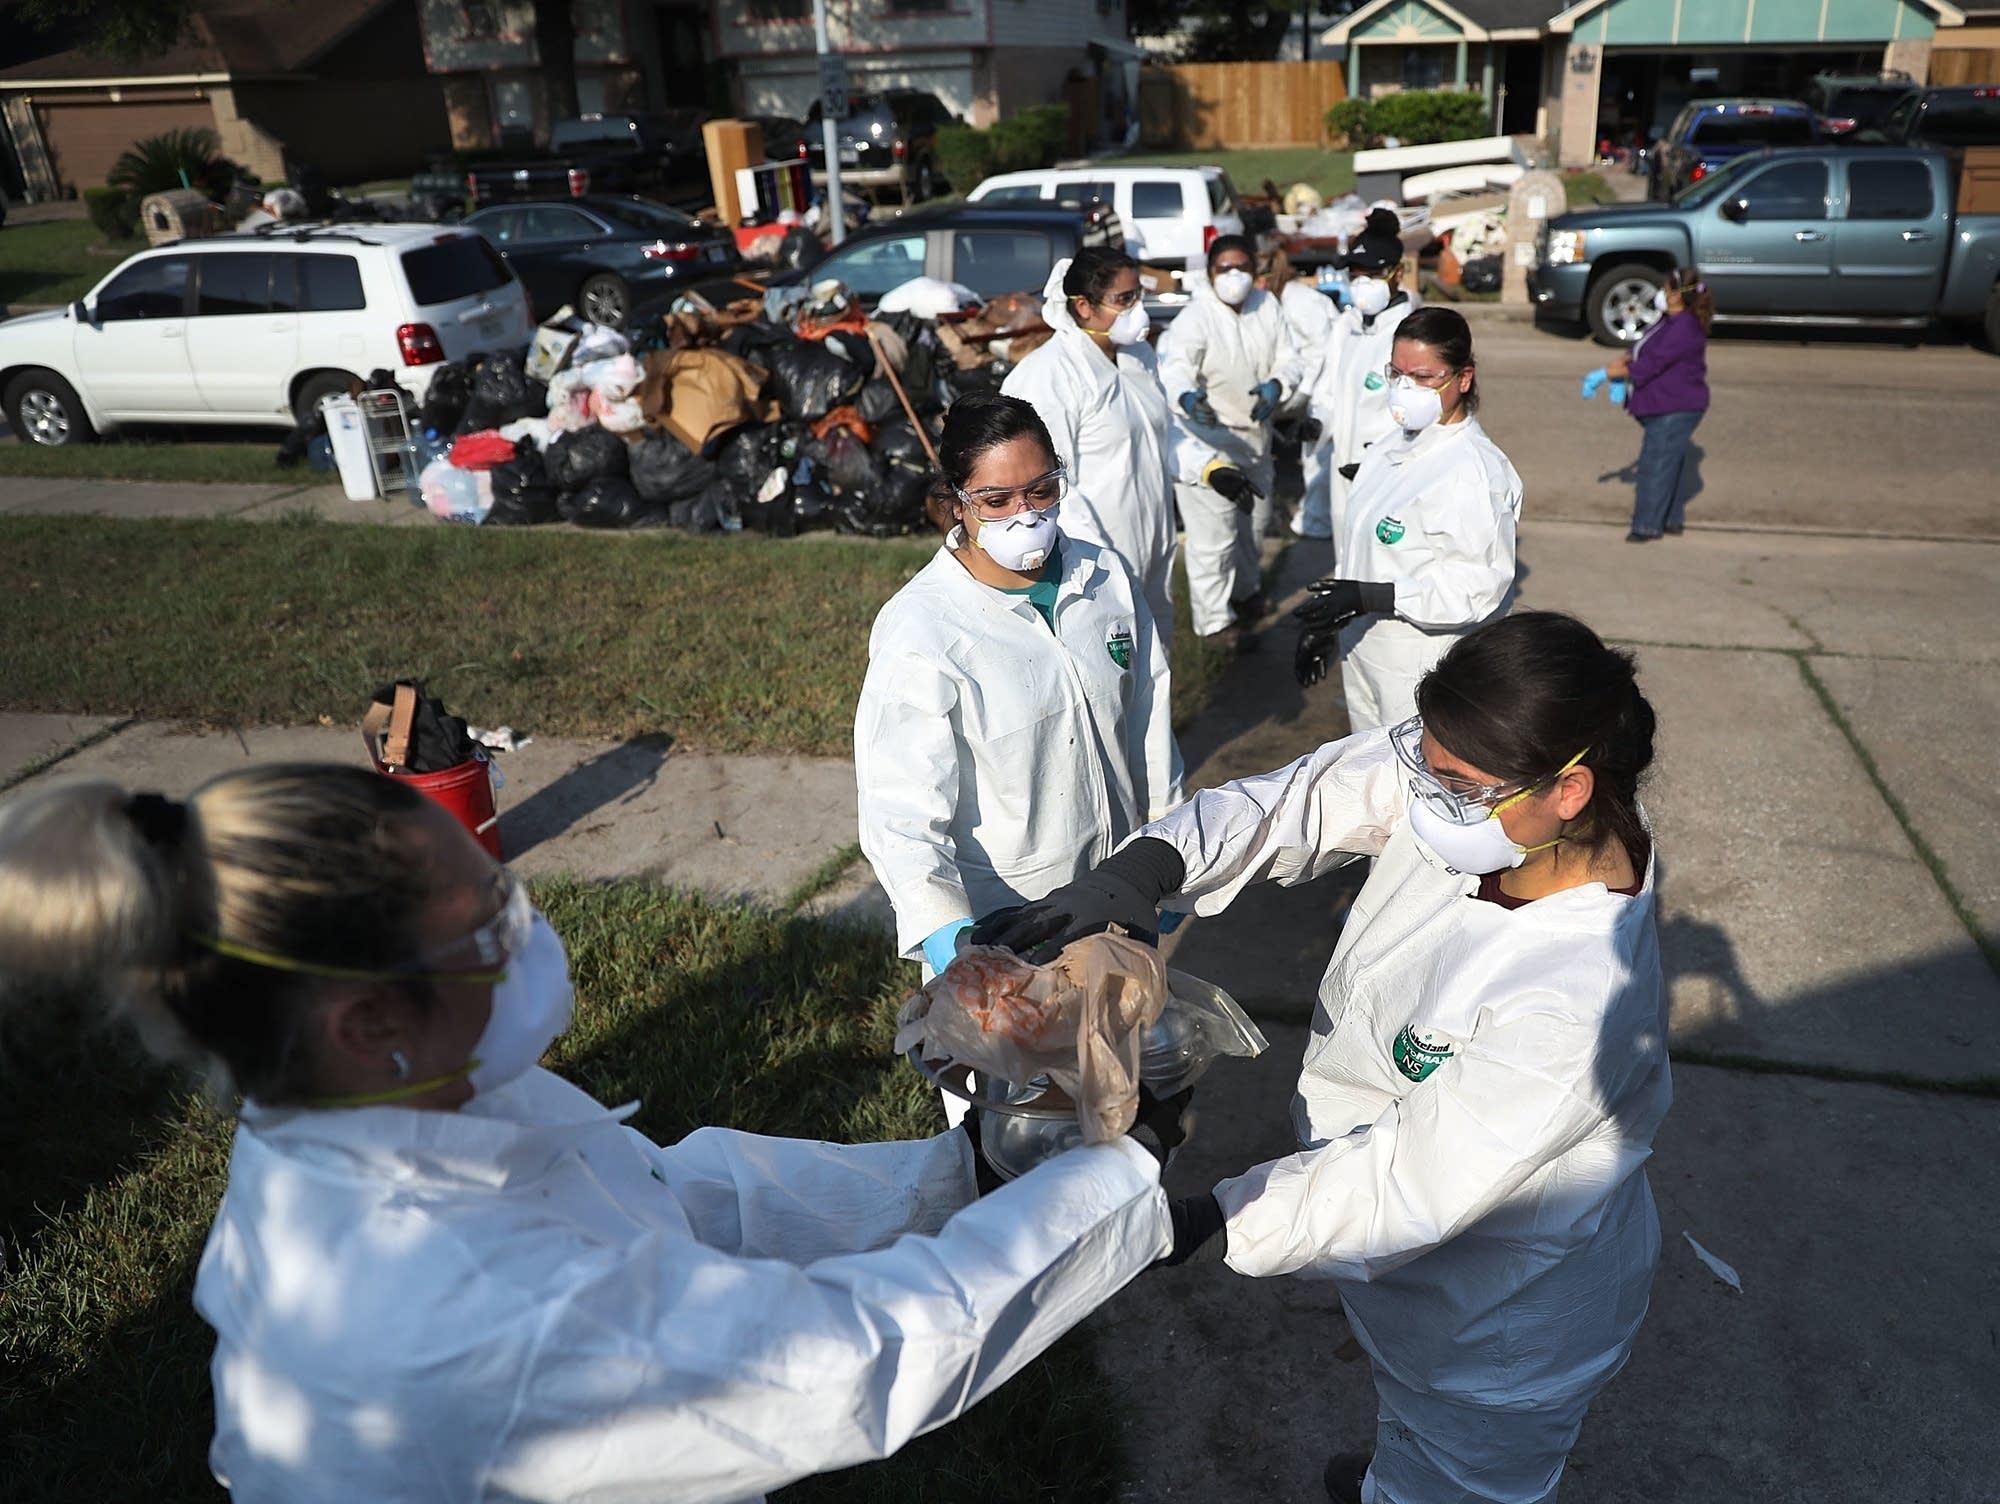 Cleanup after Harvey hit Houston last September